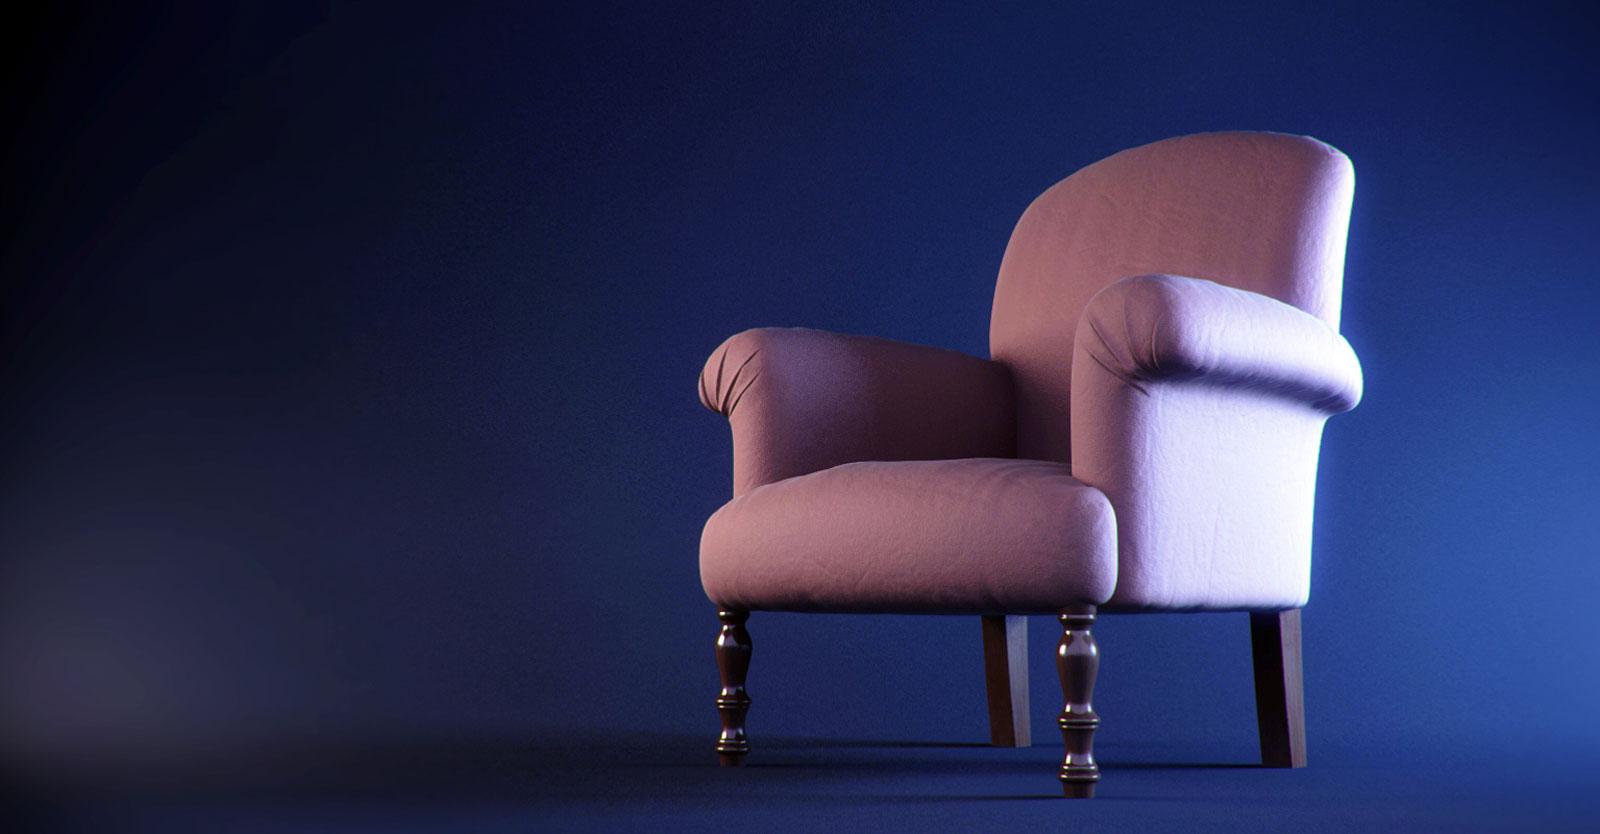 3d Modeling For Interior Design Furniture 3d Models